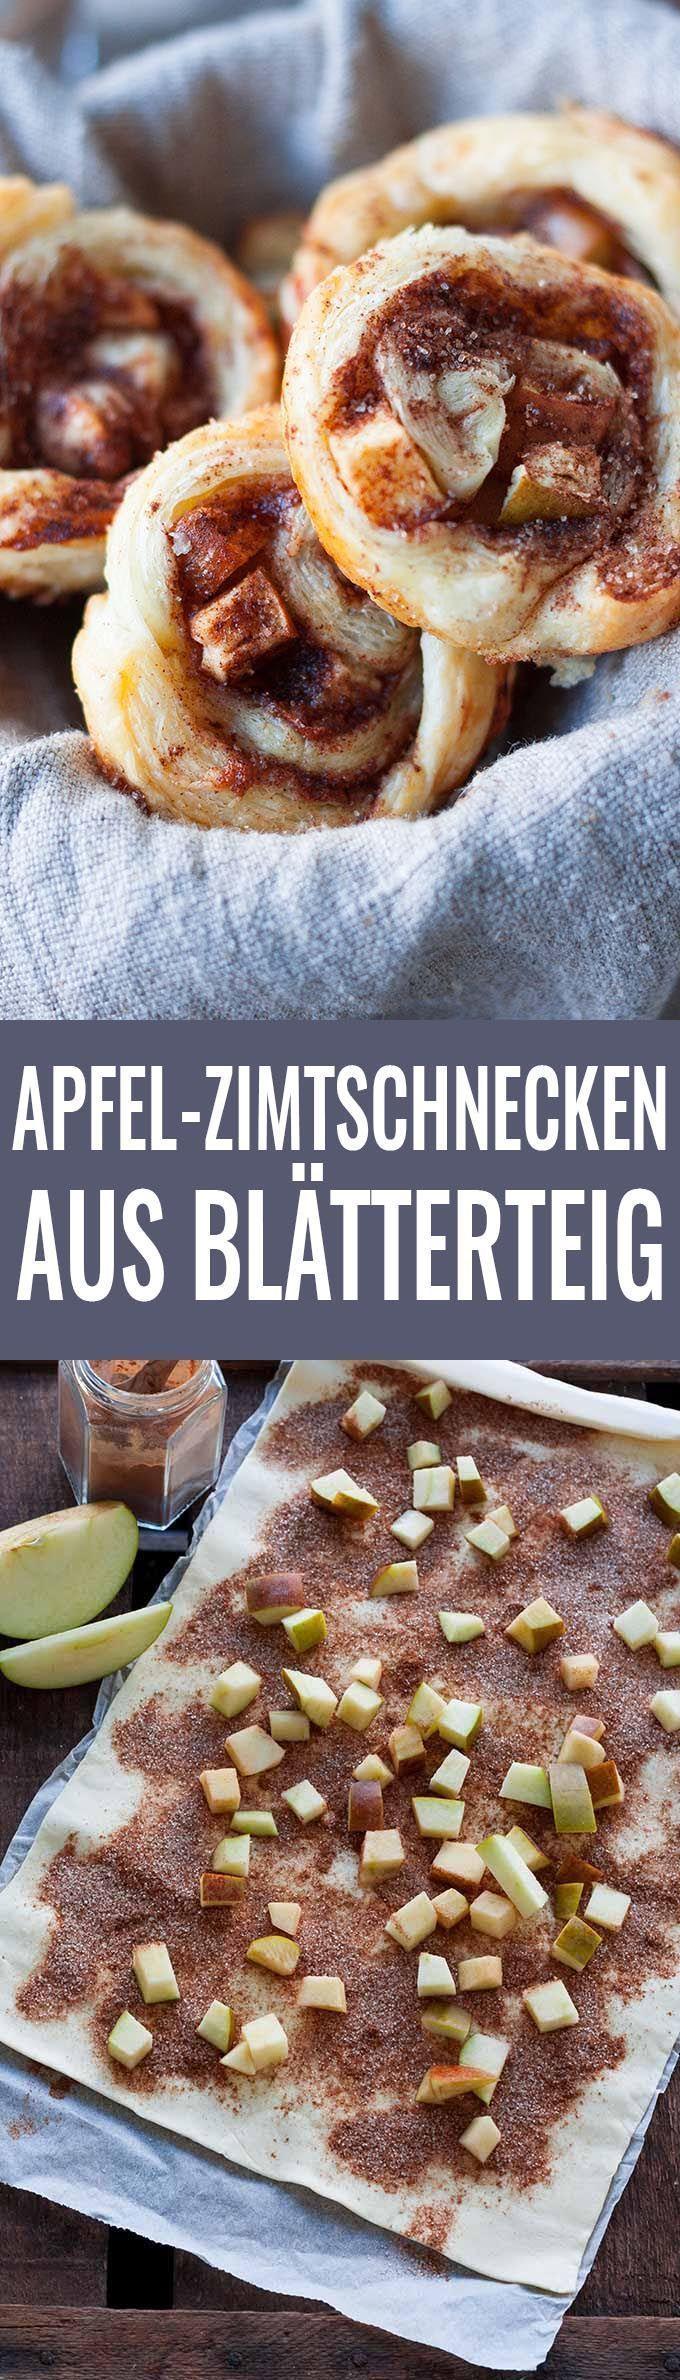 Apfel-Zimtschnecken aus Blätterteig – Food – #ApfelZimtschnecken #aus #Blätterteig #Food